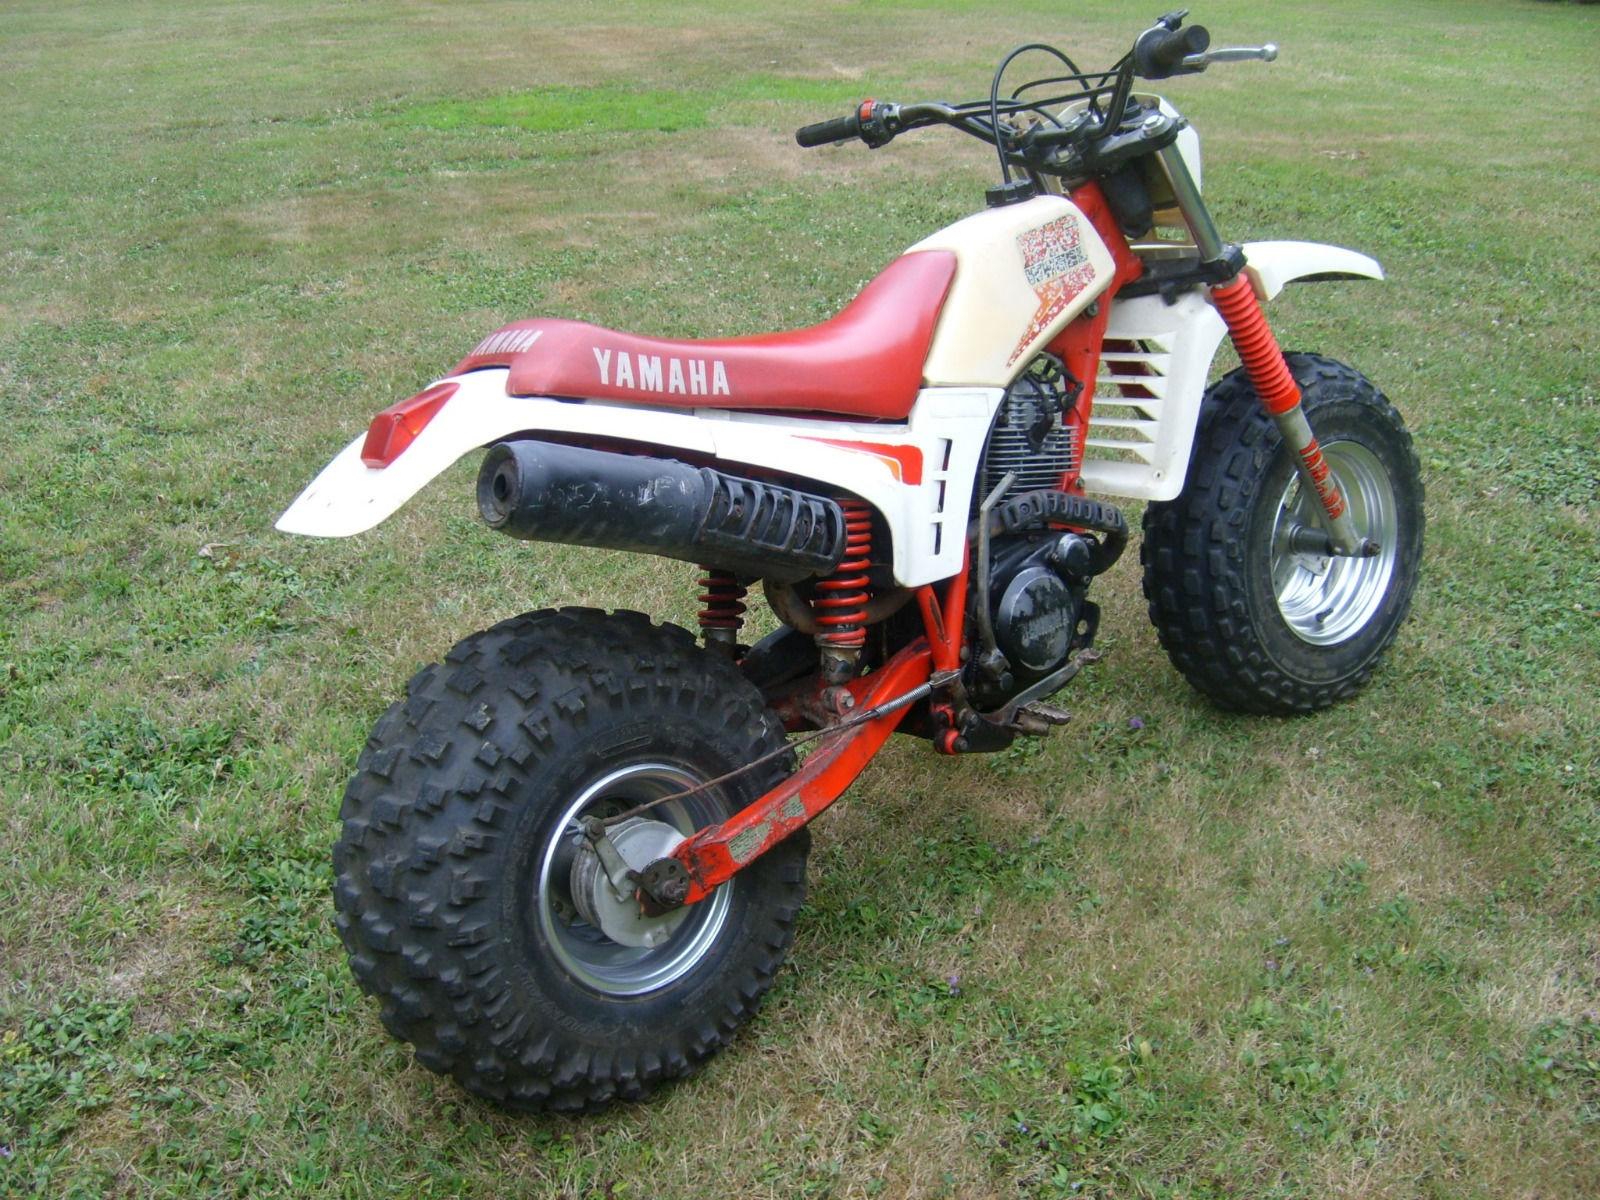 Yamaha Big Motorcycle